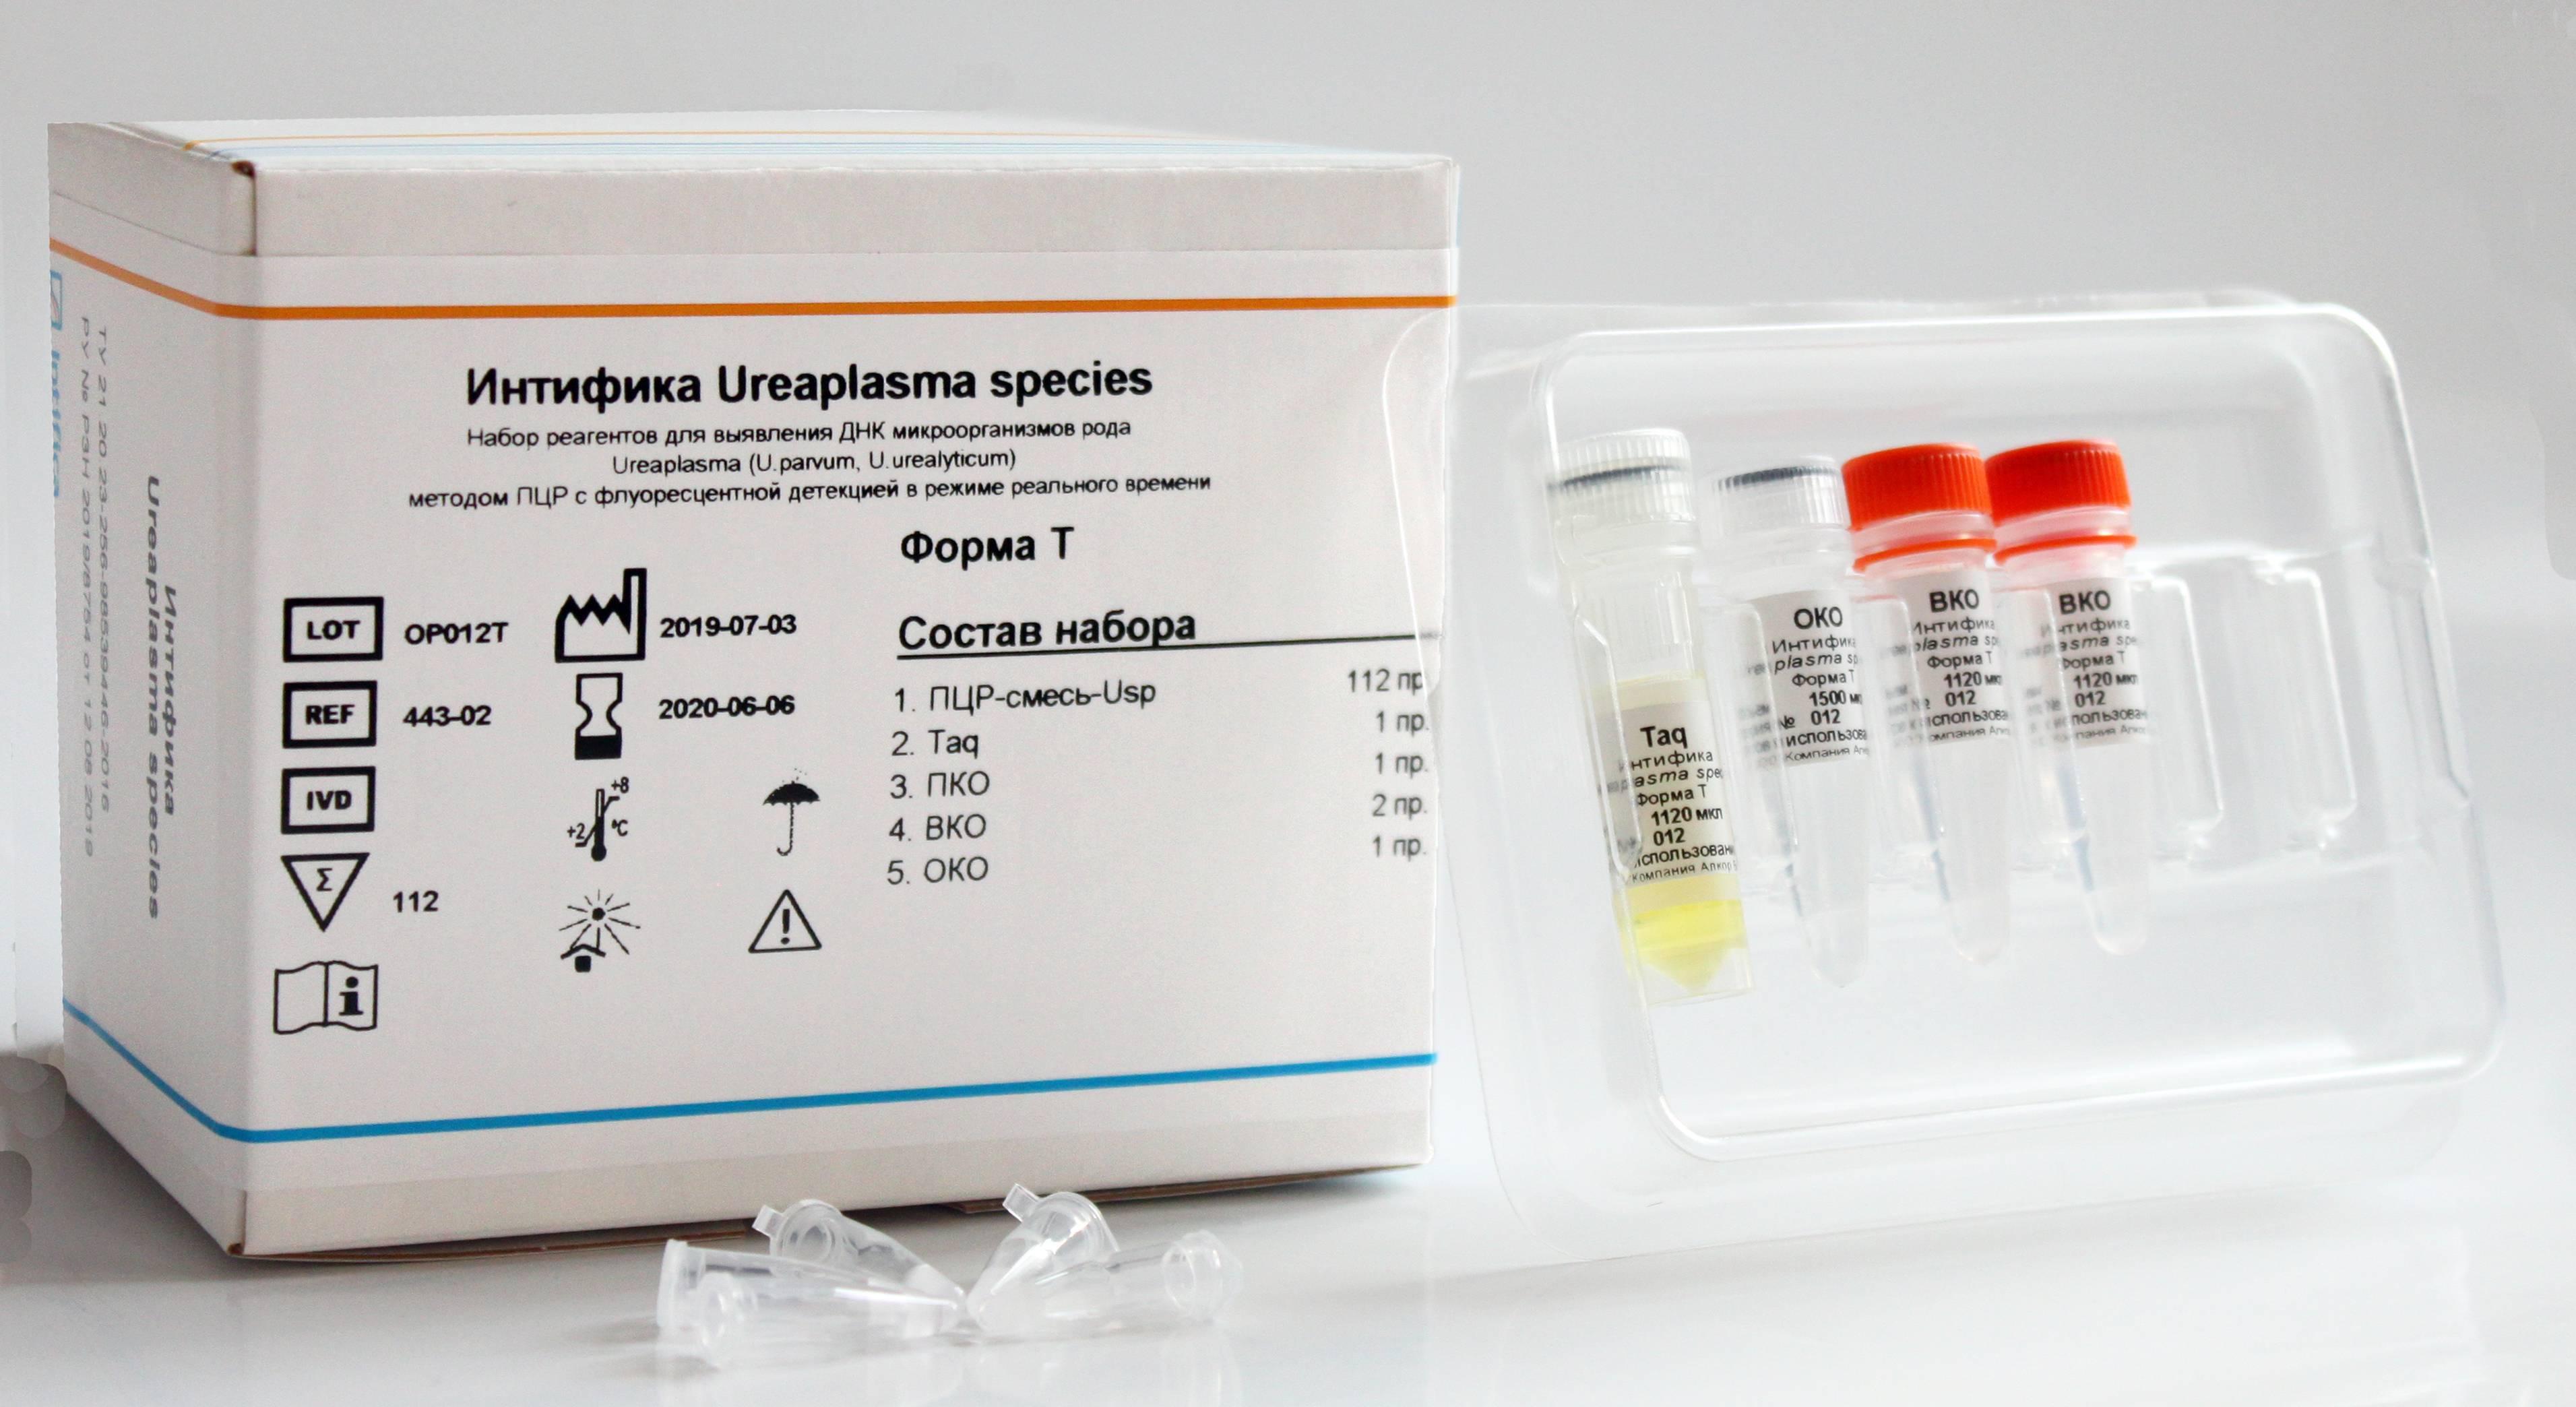 Методы лечения уреаплазмы парвум (ureaplasma parvum)